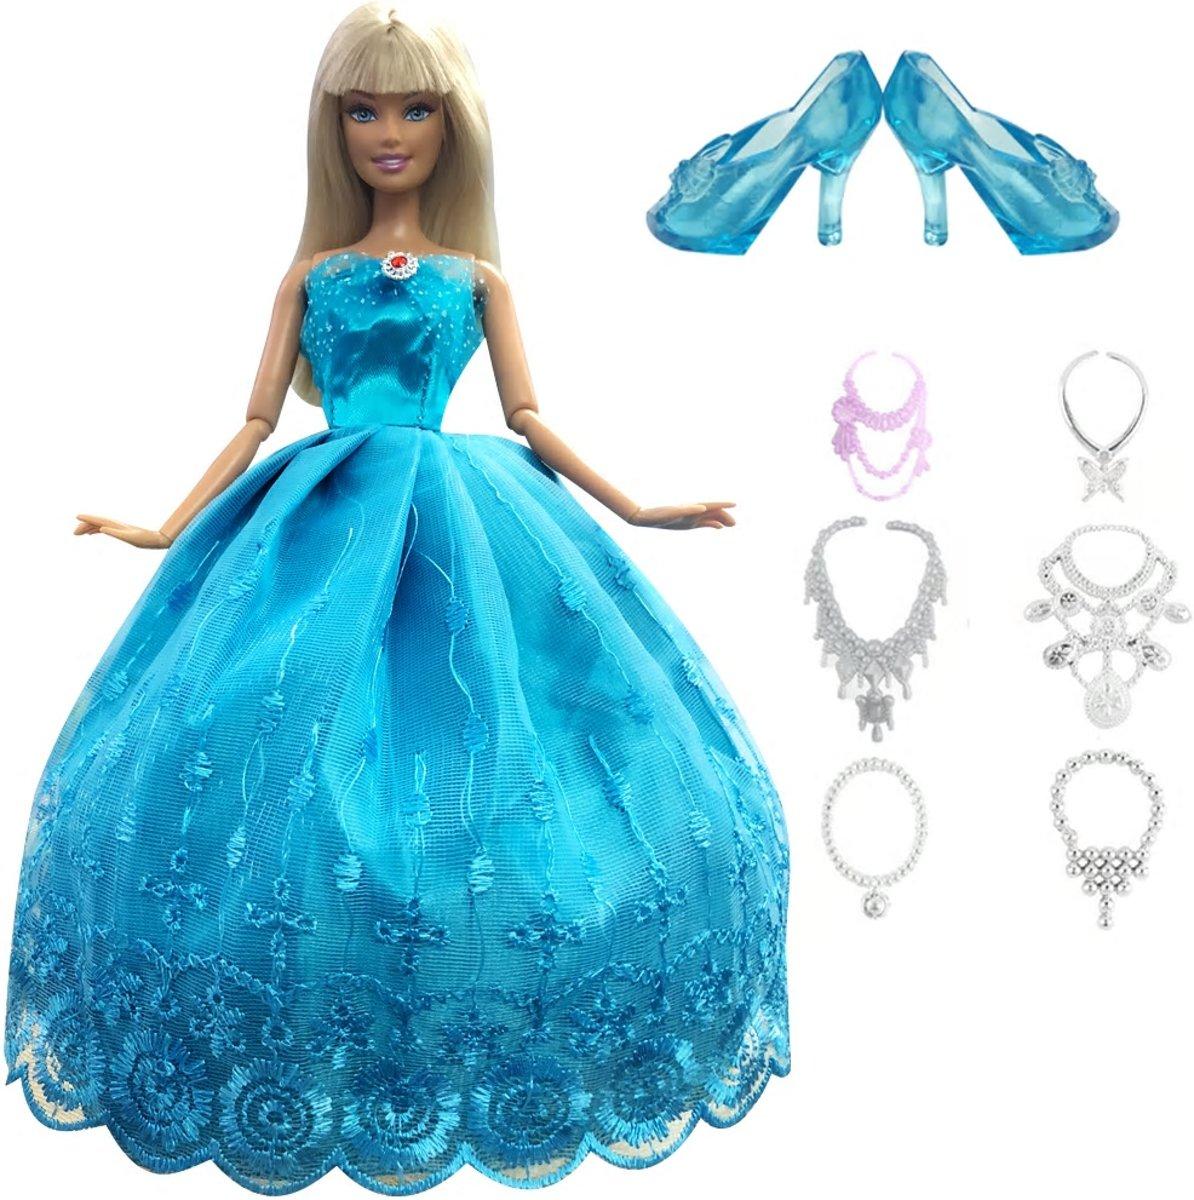 Blauwe prinsessen jurk voor Barbie met schoenen en sieraden